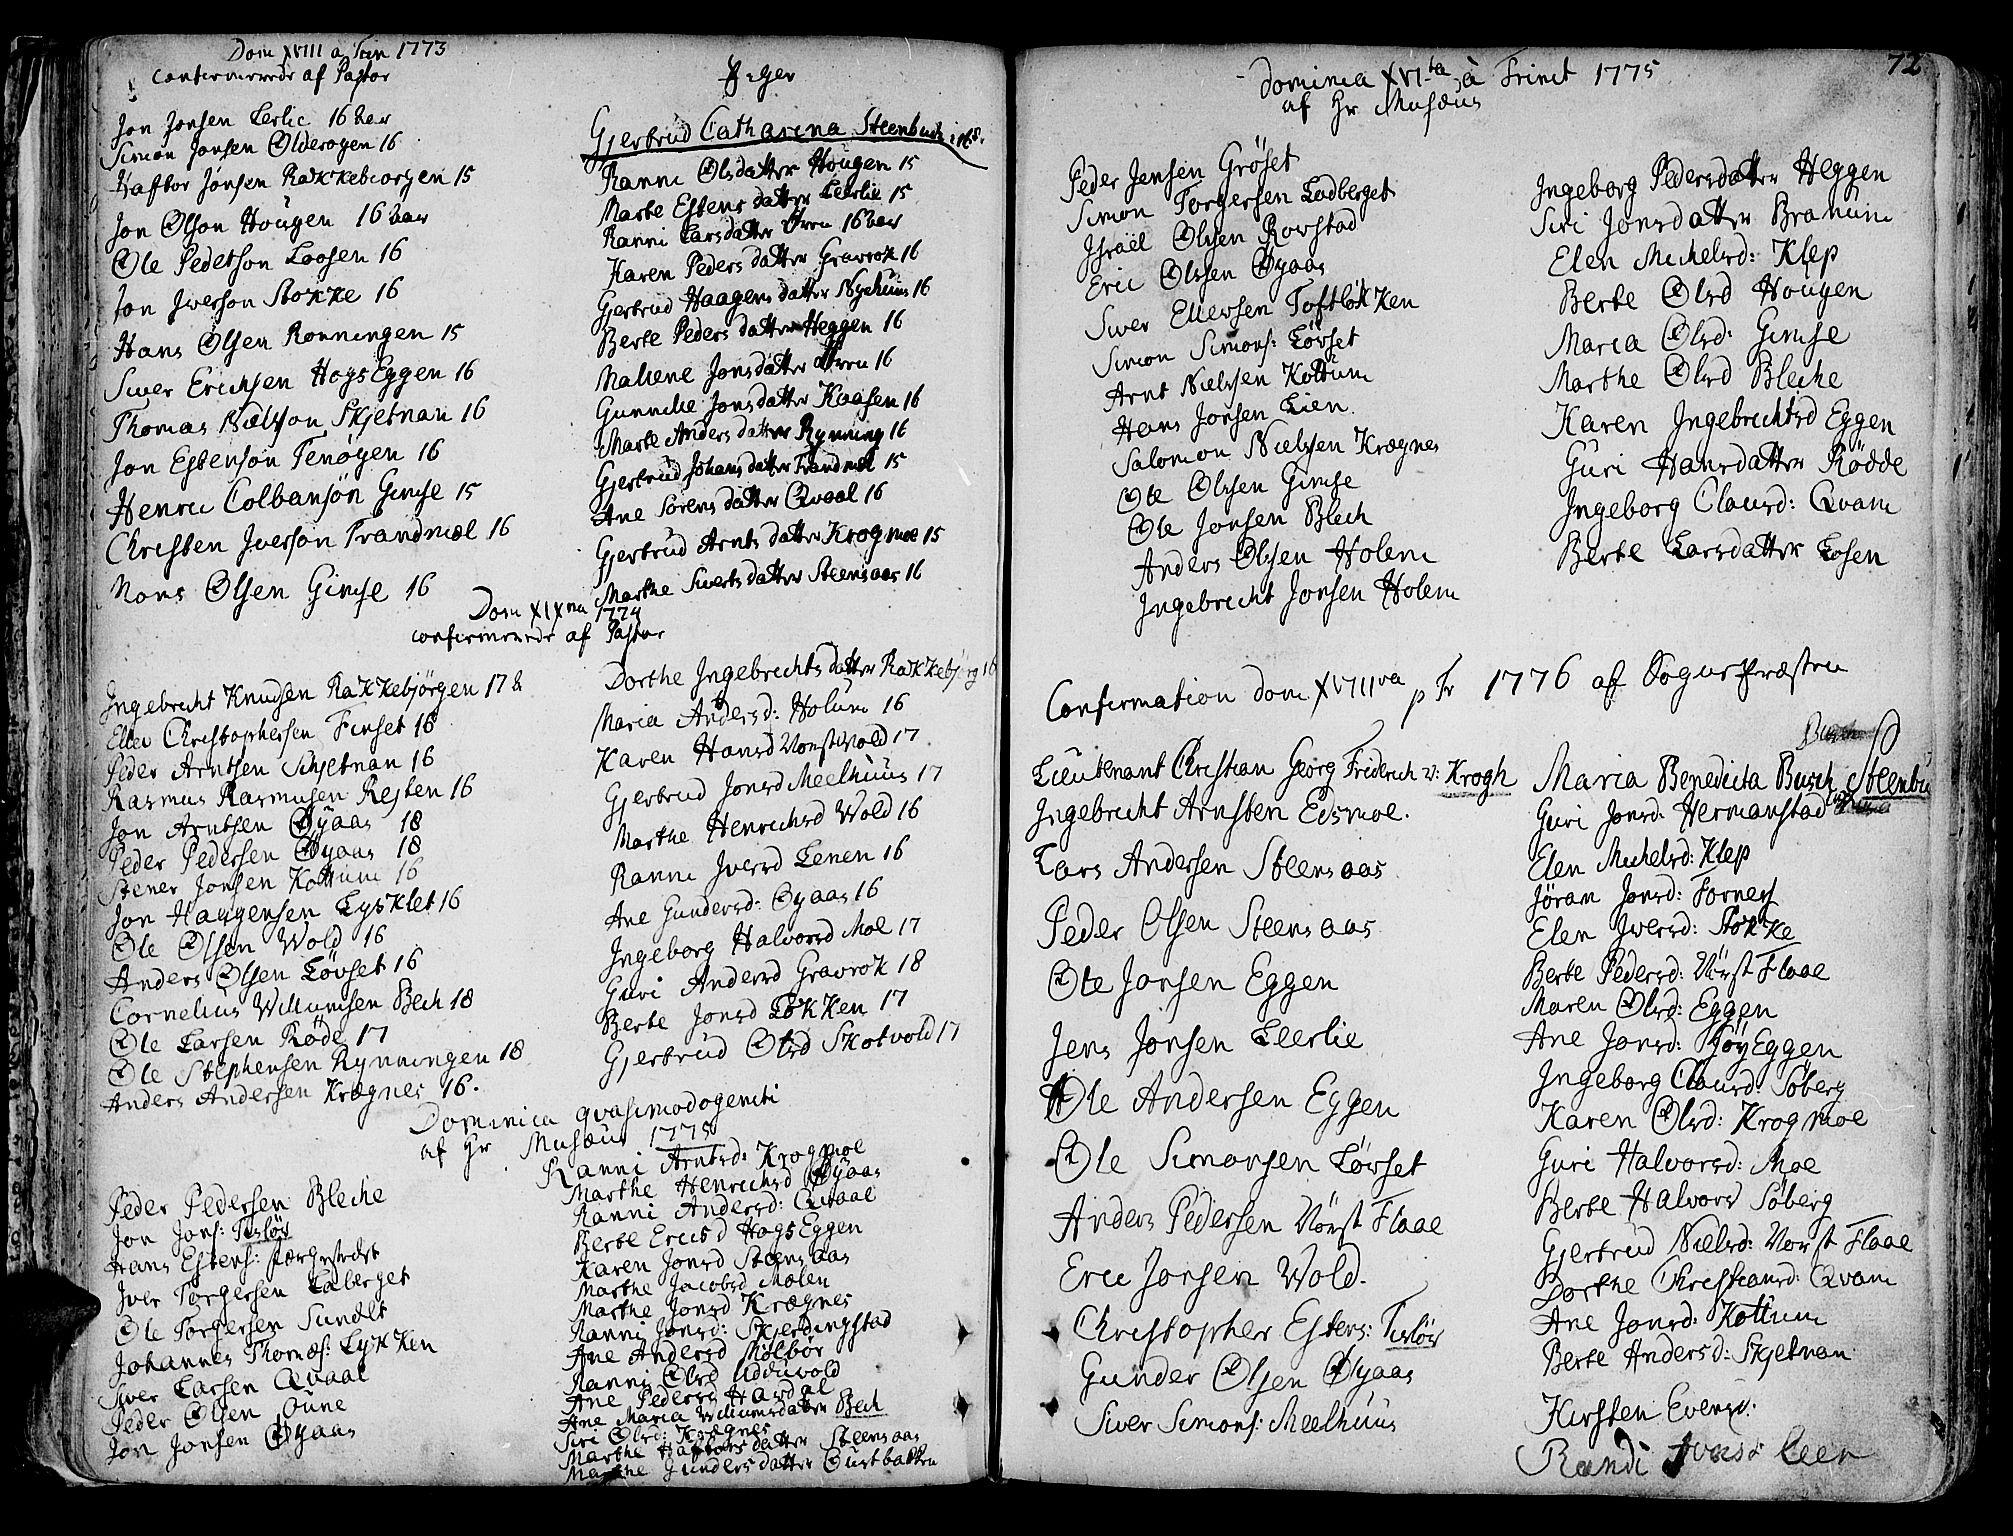 SAT, Ministerialprotokoller, klokkerbøker og fødselsregistre - Sør-Trøndelag, 691/L1061: Ministerialbok nr. 691A02 /1, 1768-1815, s. 72